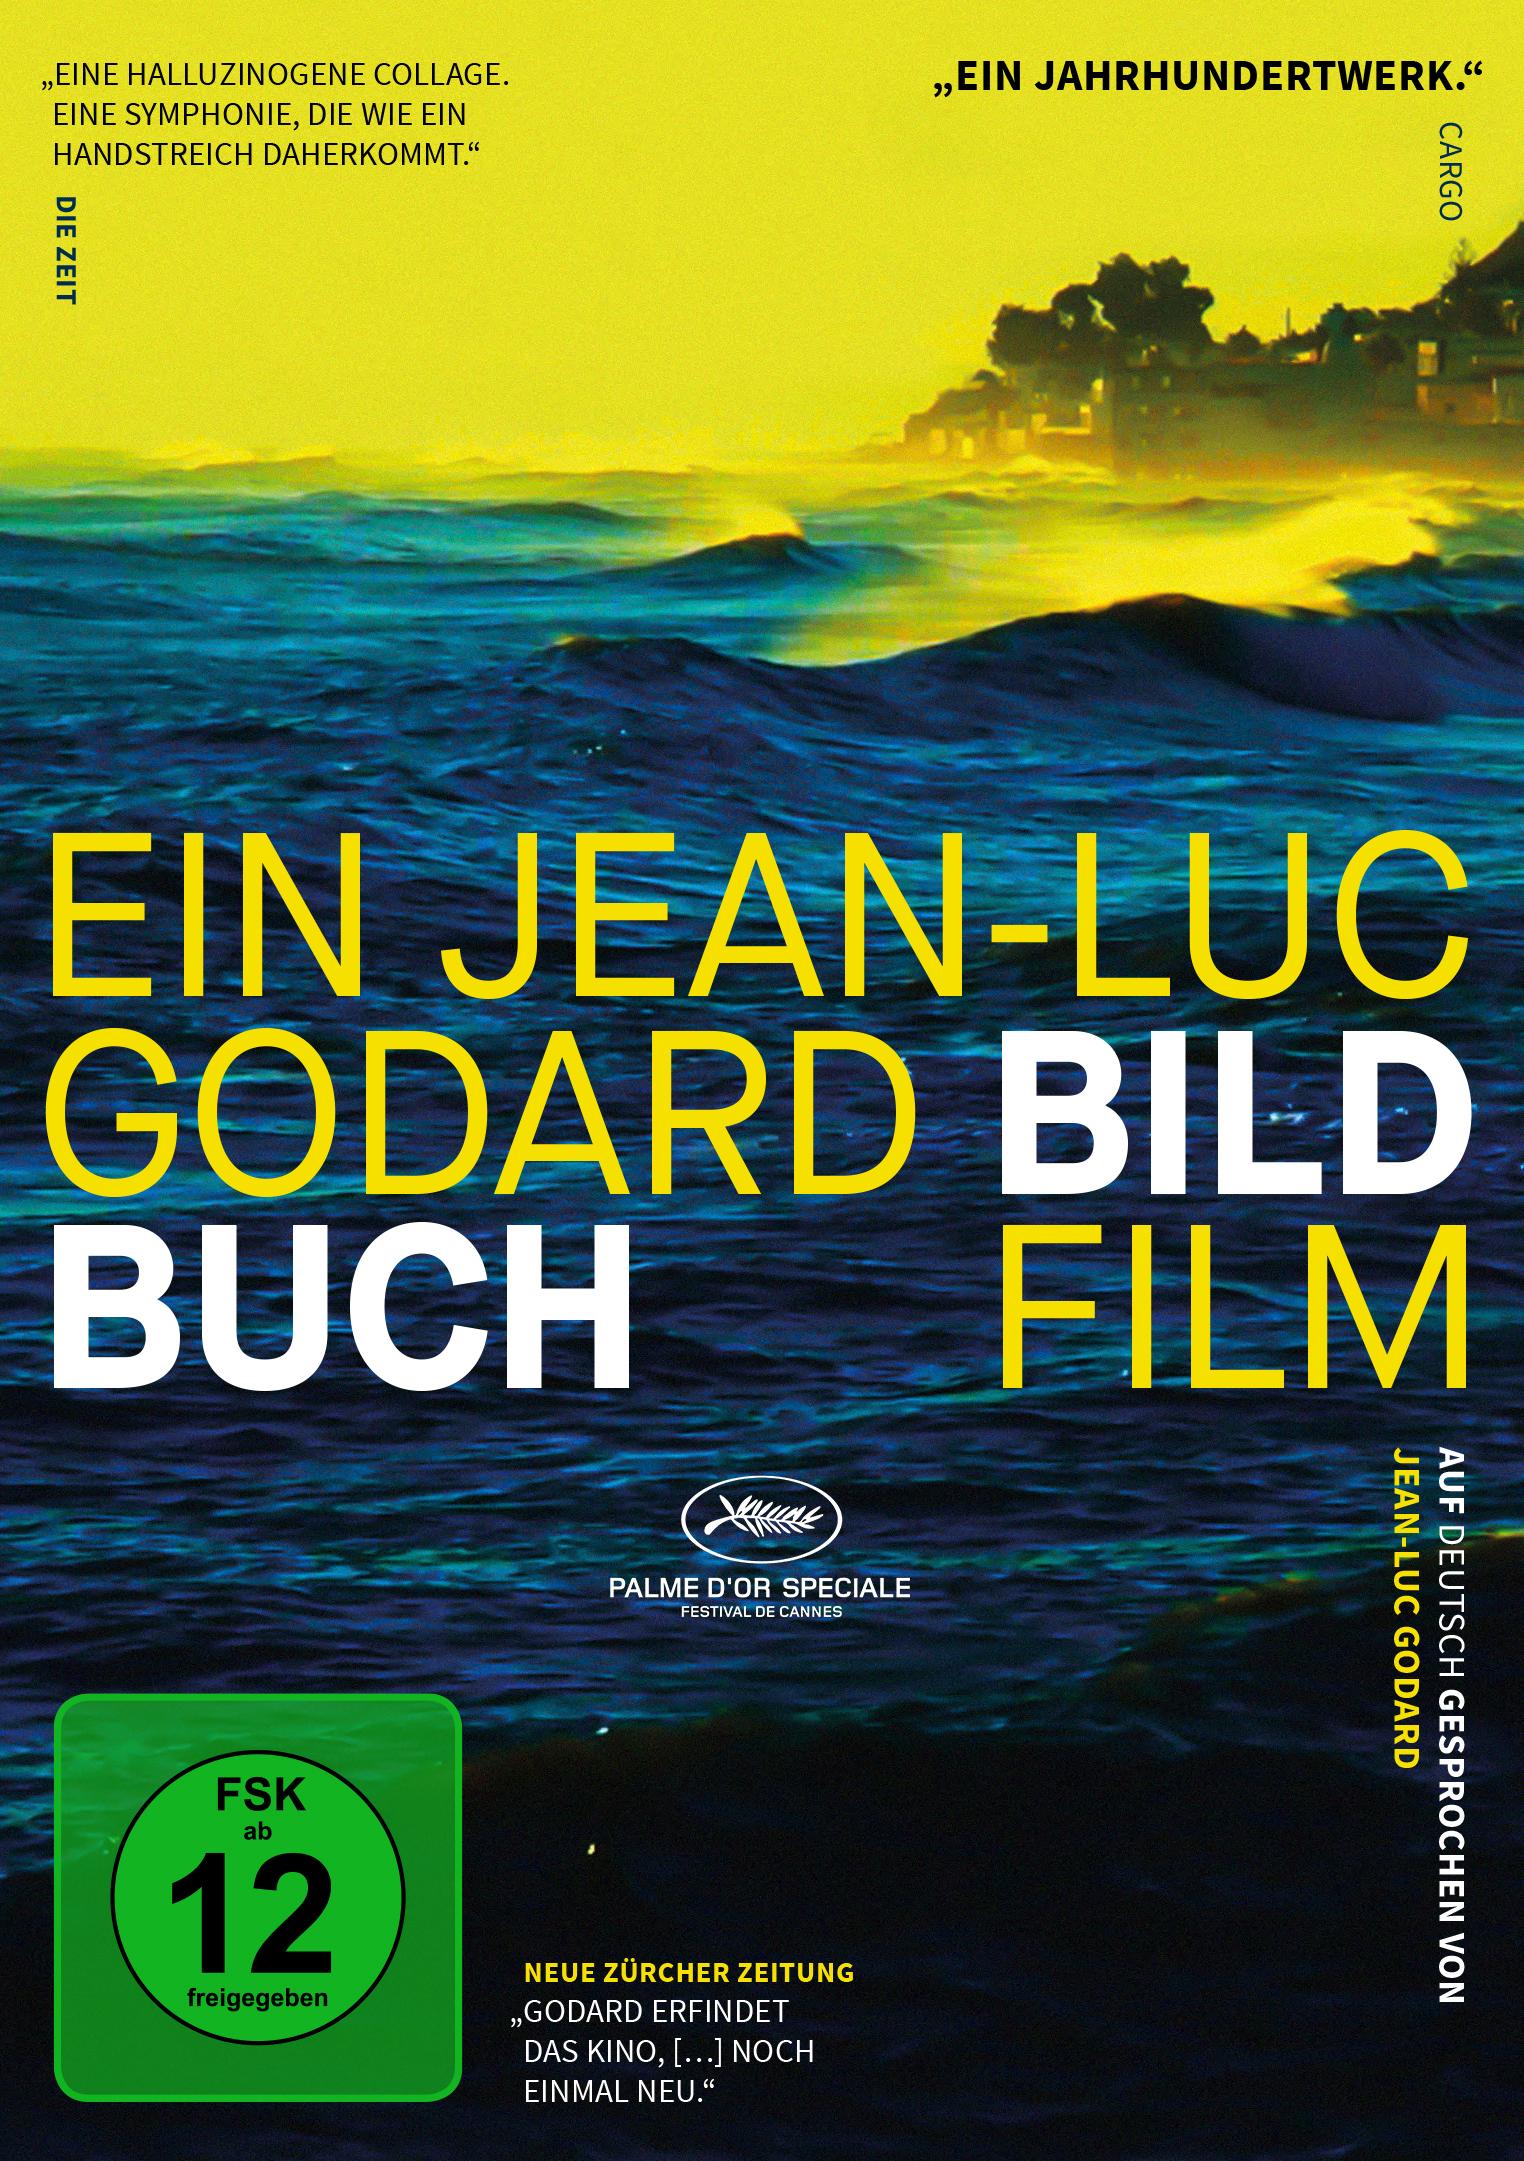 Ein Jean-Luc Godard BILDBUCH Film